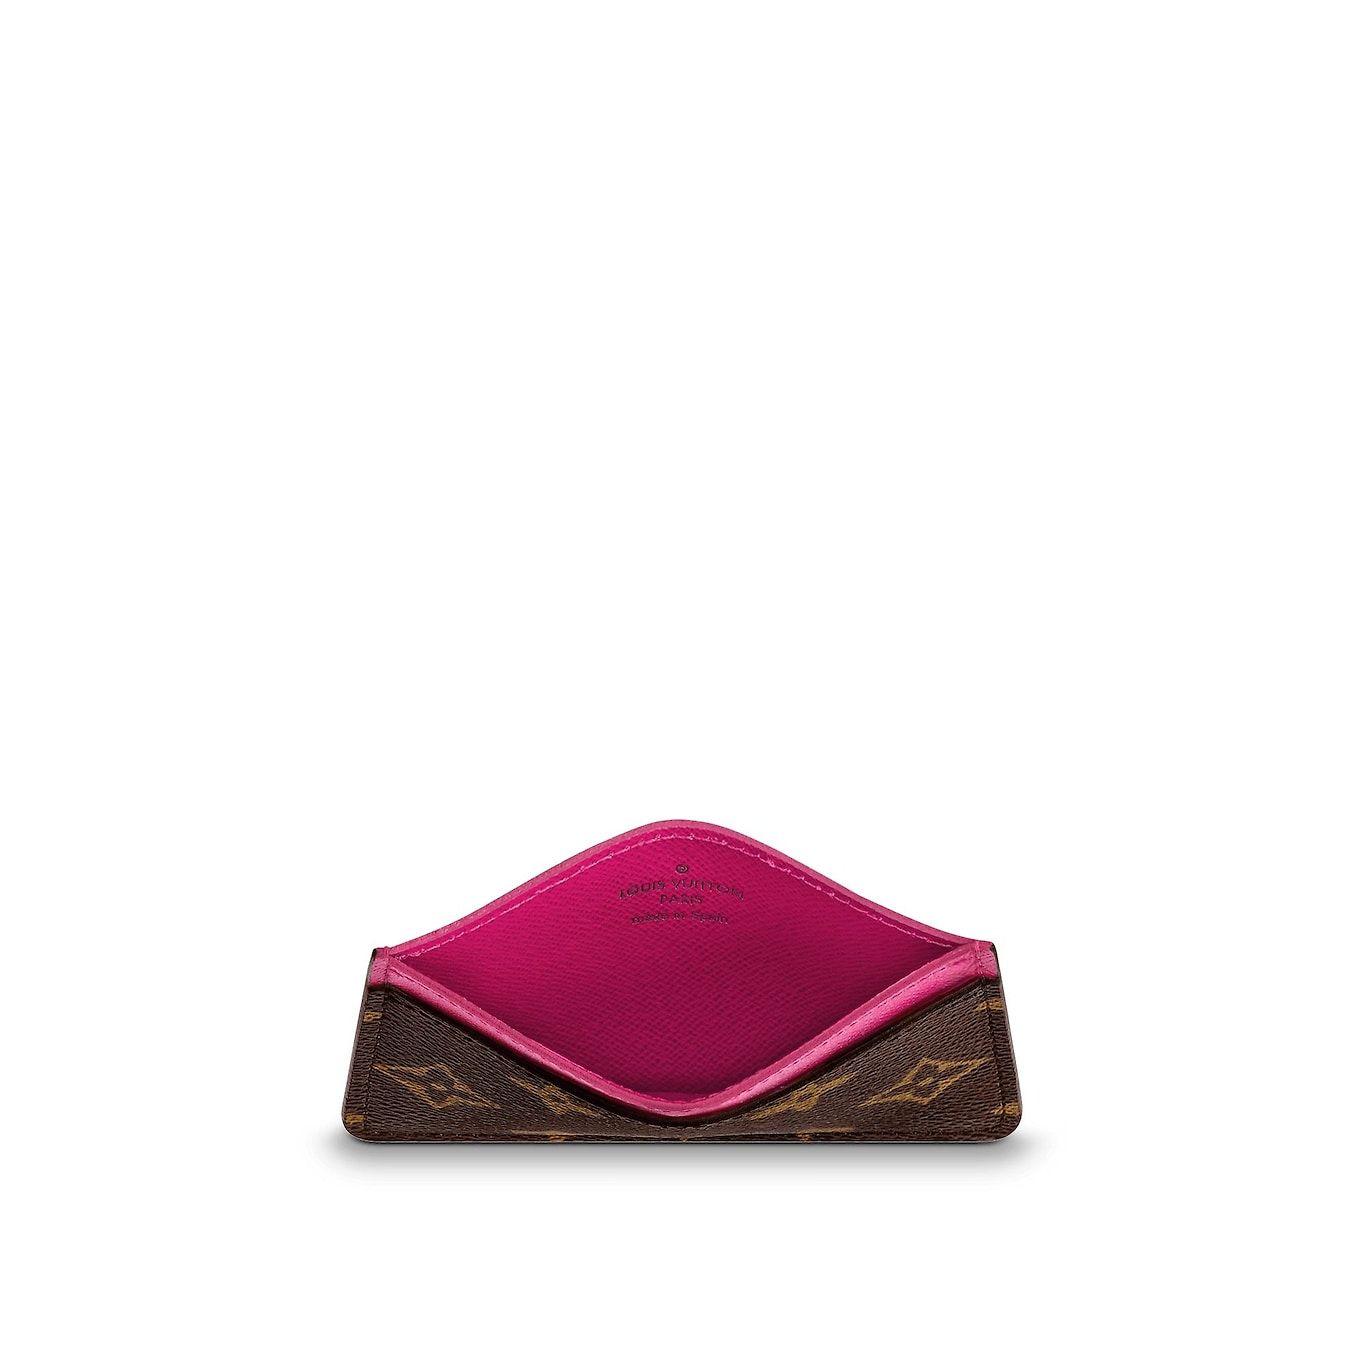 Vue 3 - Porte-cartes simple Toile Monogram Femme Petite Maroquinerie  Porte-clés et d27c4aabe3f